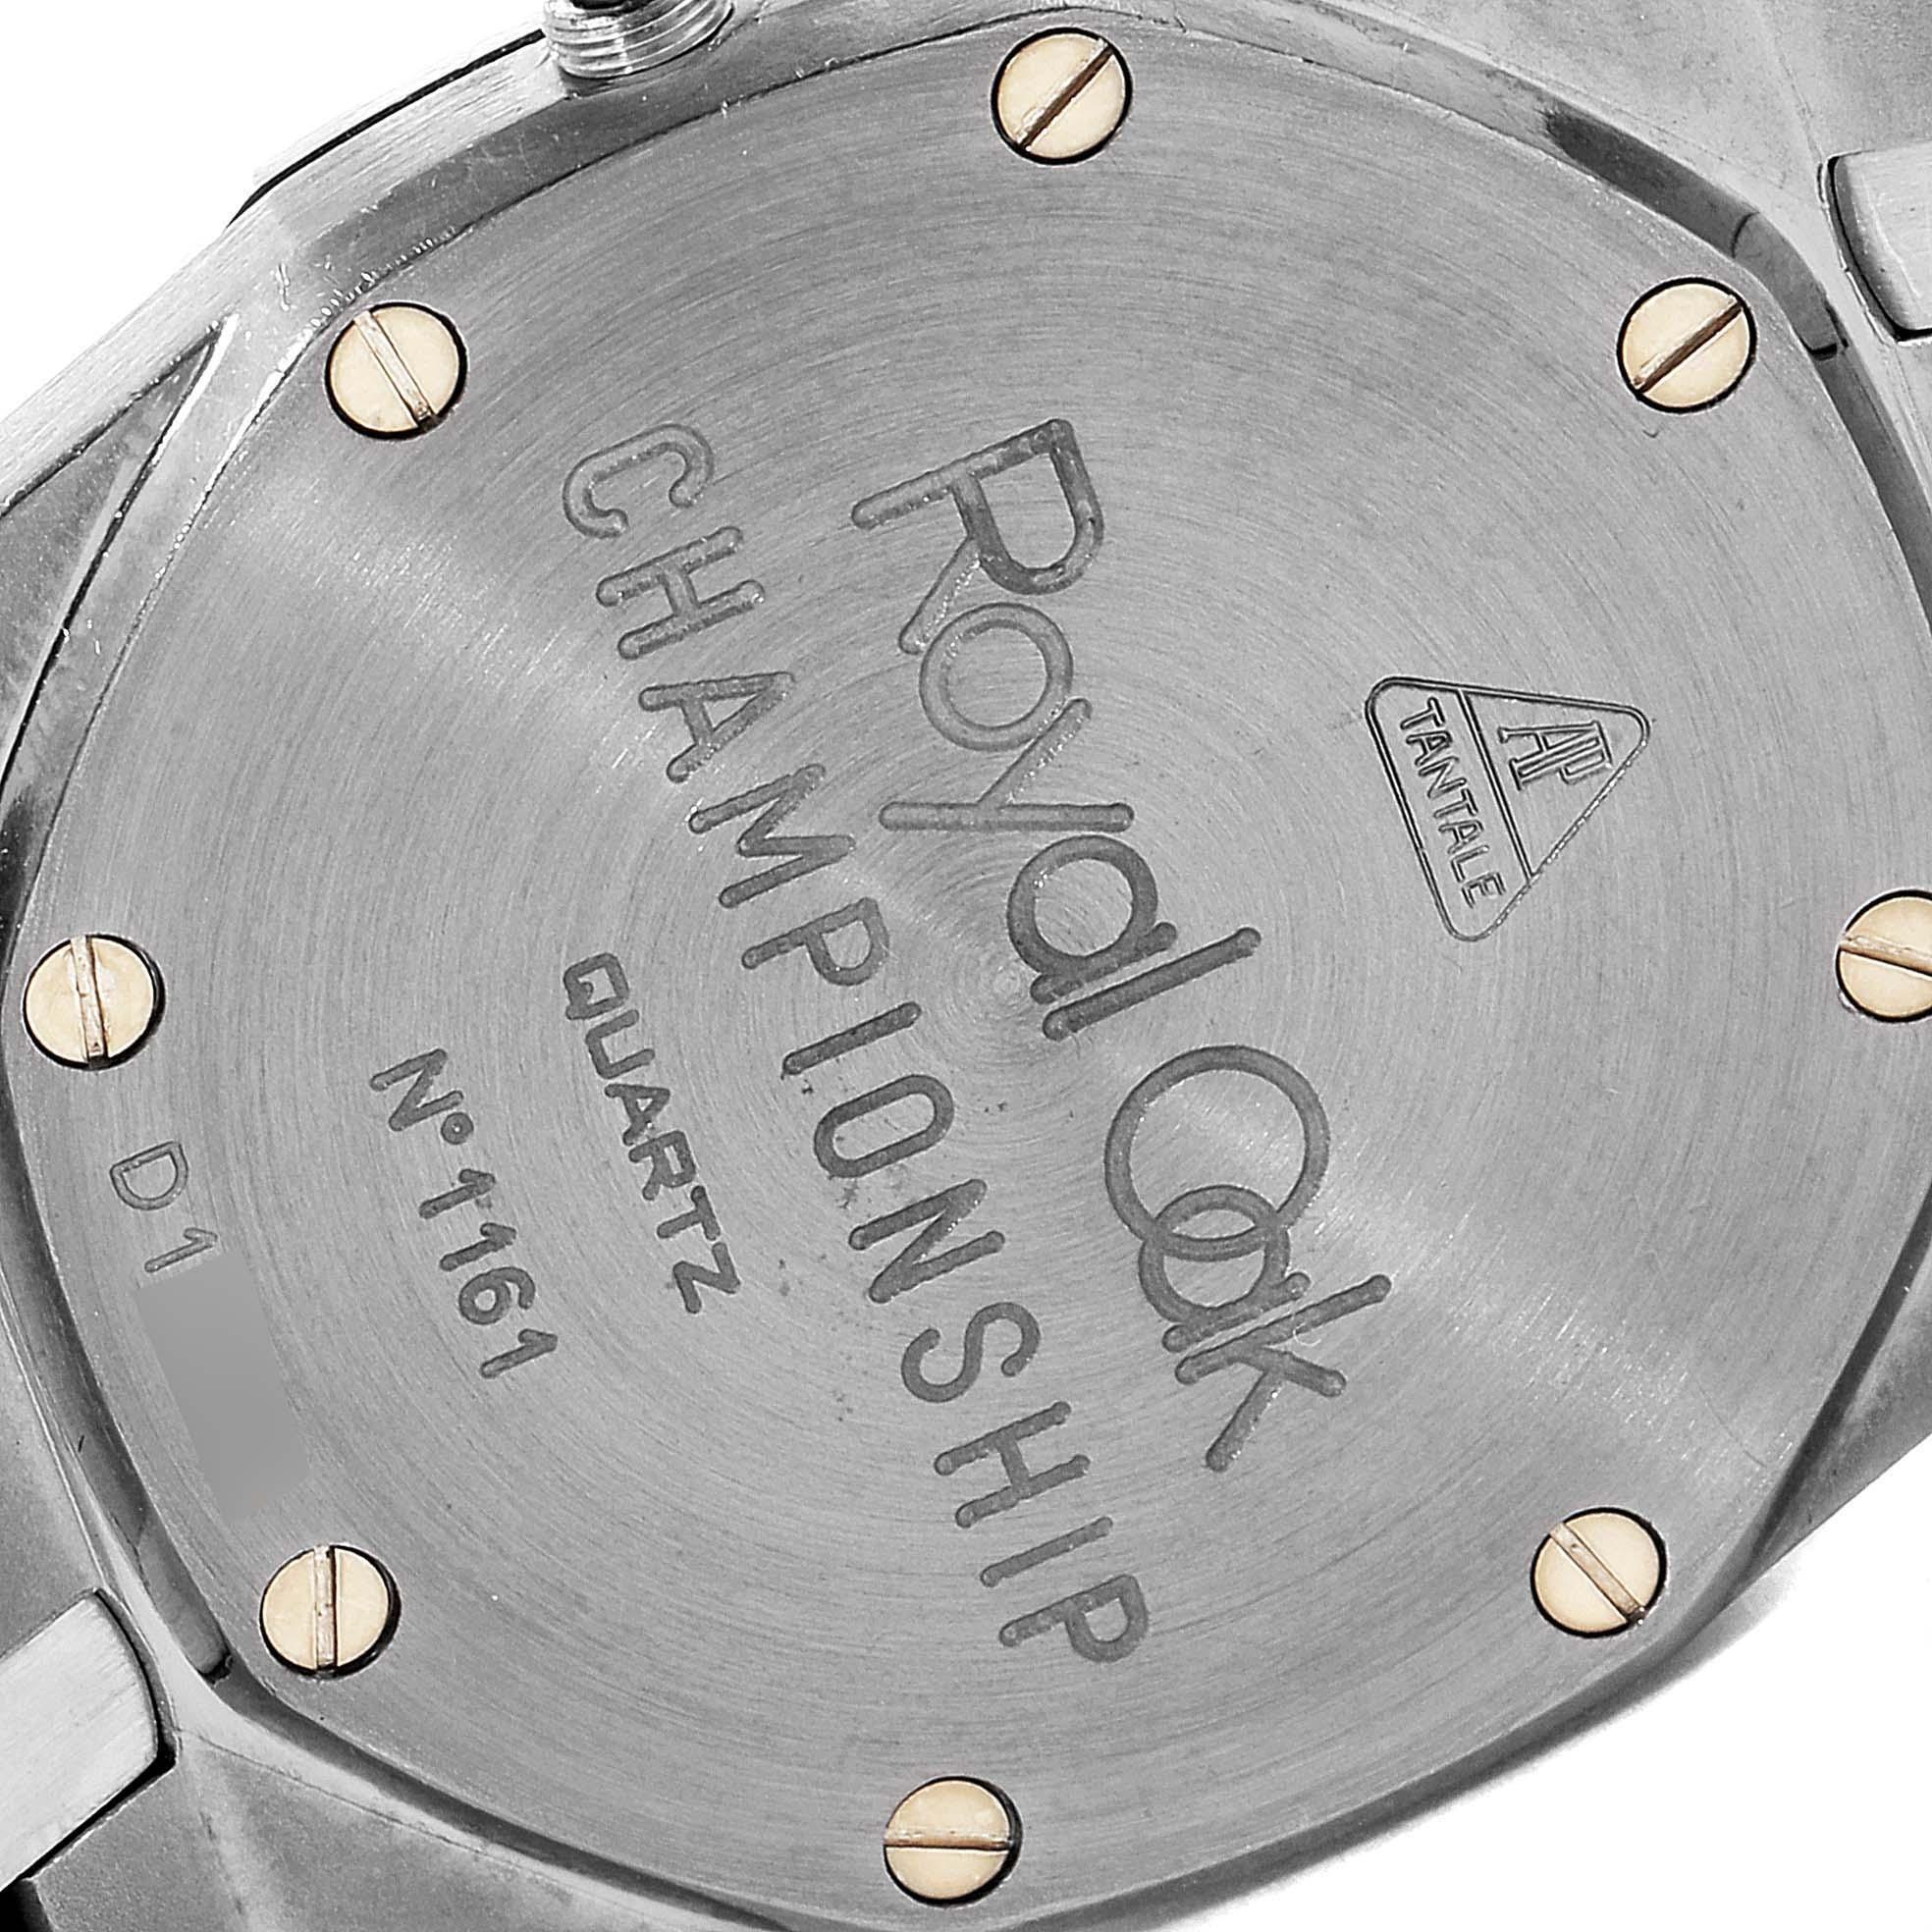 Audemars Piguet Royal Oak Midsize 33mm Tantalum Mens Watch SwissWatchExpo